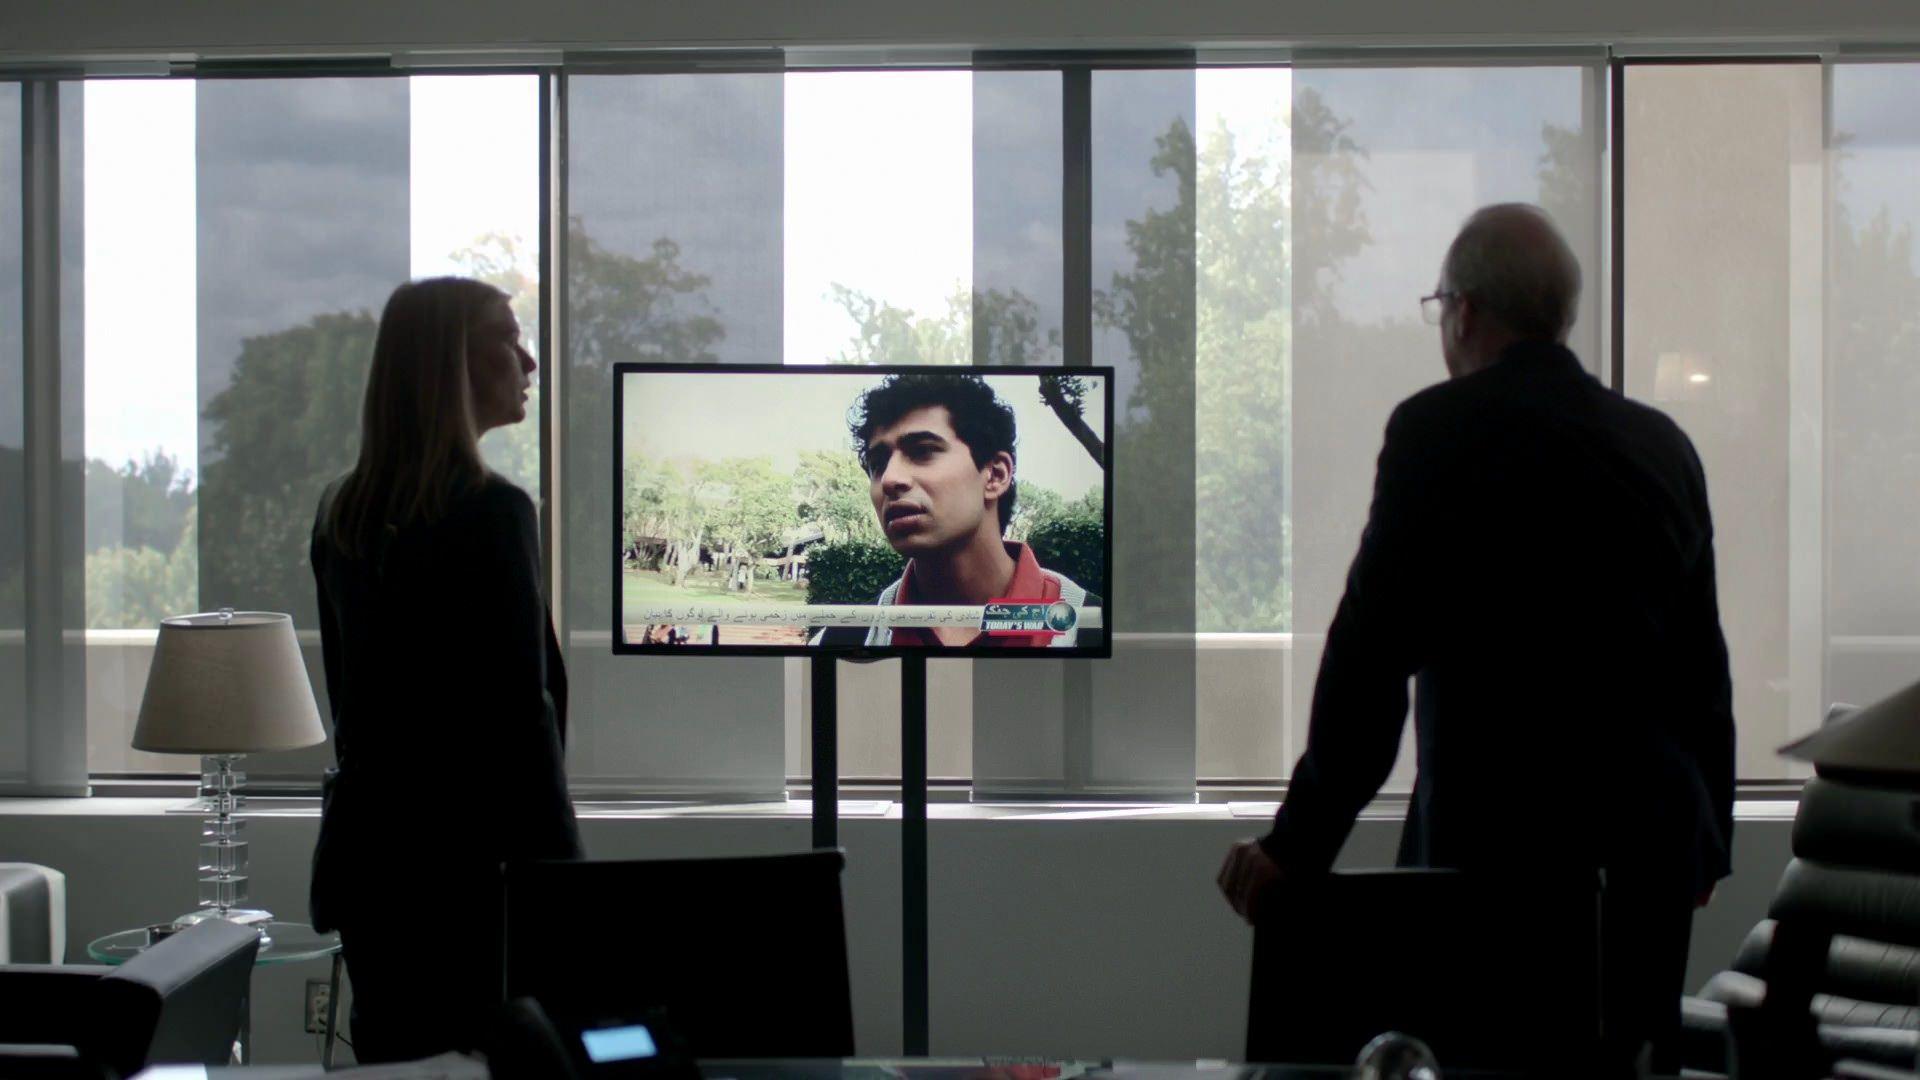 Cuarta temporada de Homeland - Carrie y Lockhart viendo la entrevista a Aayan